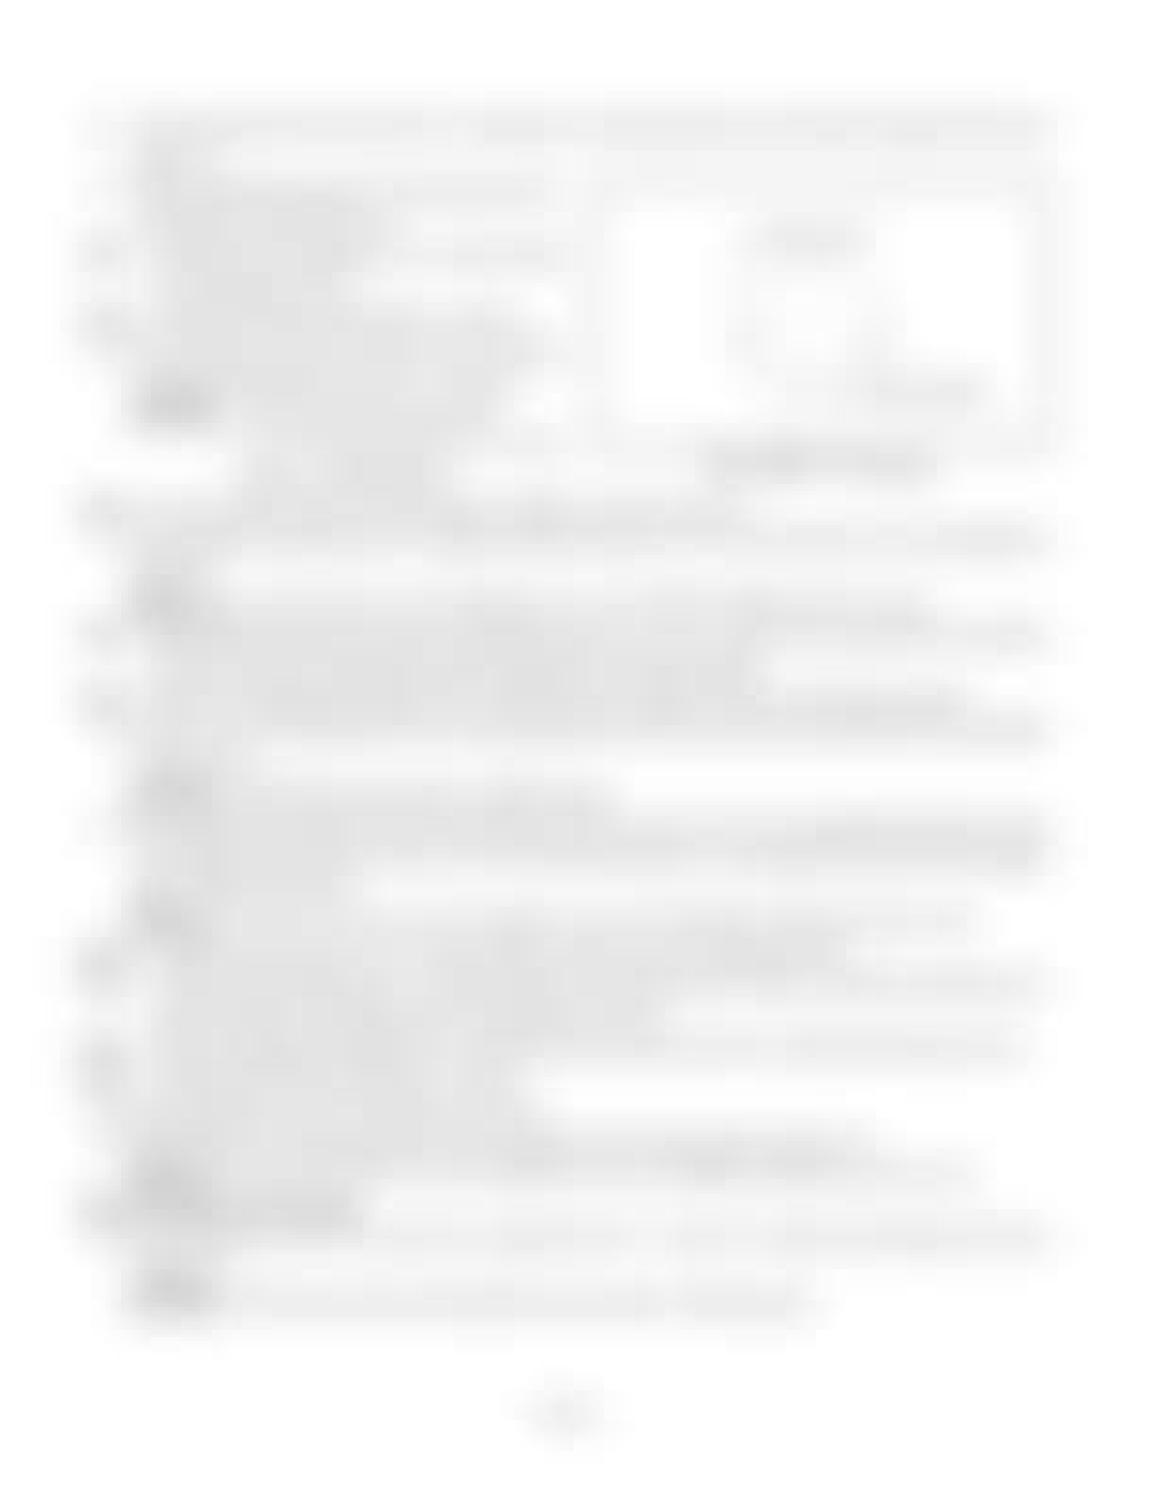 Hitachi LX110-7 LX130-7 LX160-7 LX190-7 LX230-7 Wheel Loader Workshop Manual - PDF DOWNLOAD page 266